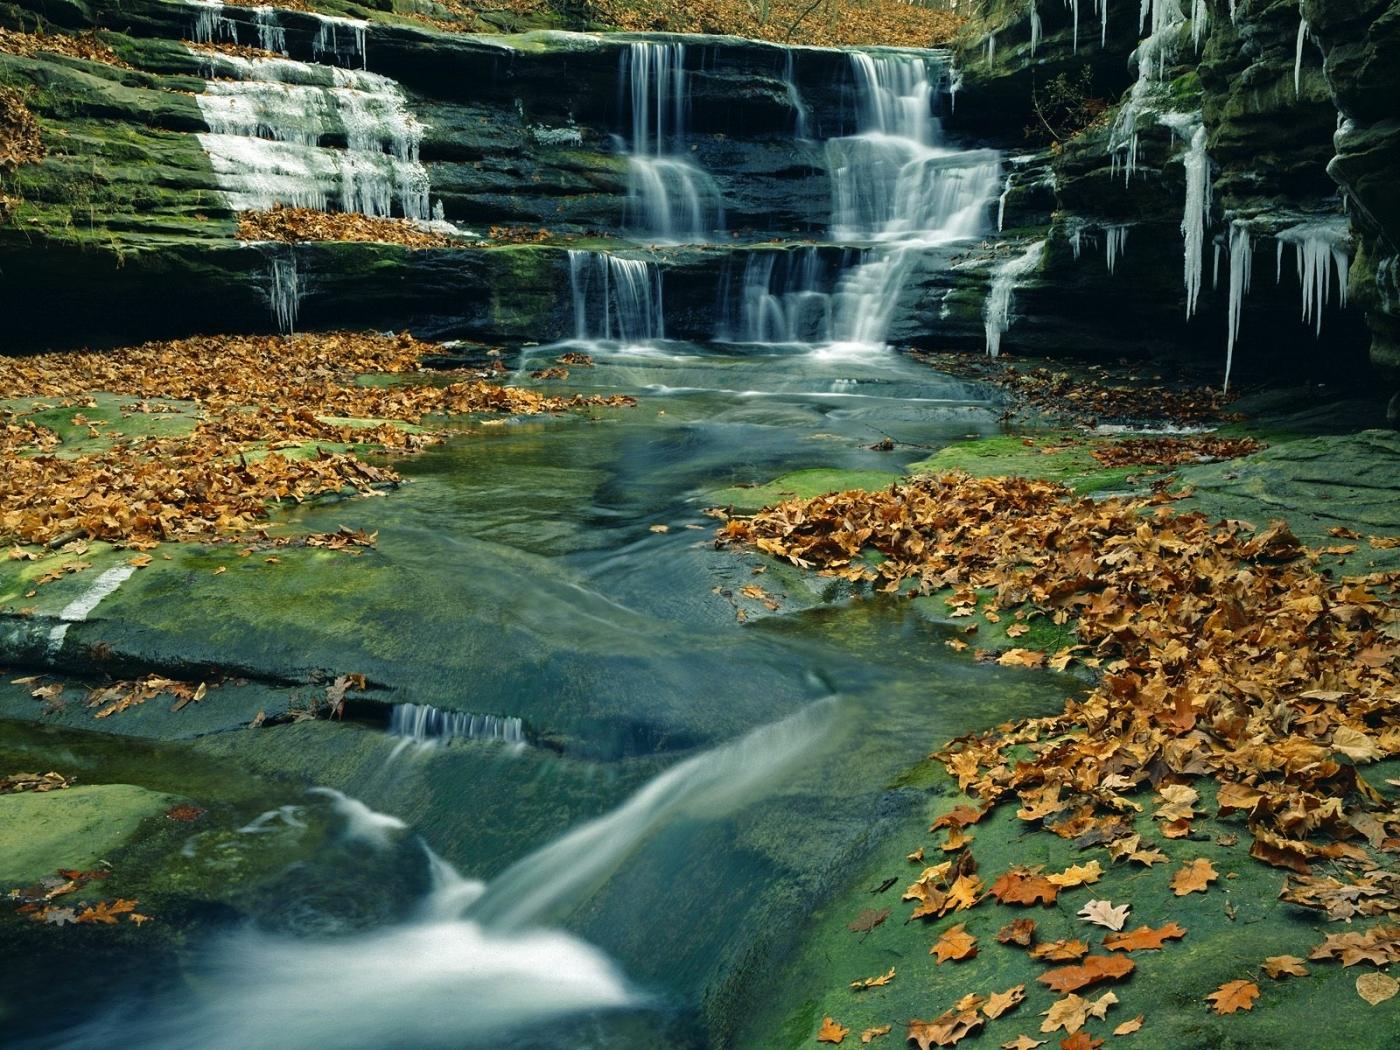 39709 скачать обои Пейзаж, Водопады - заставки и картинки бесплатно